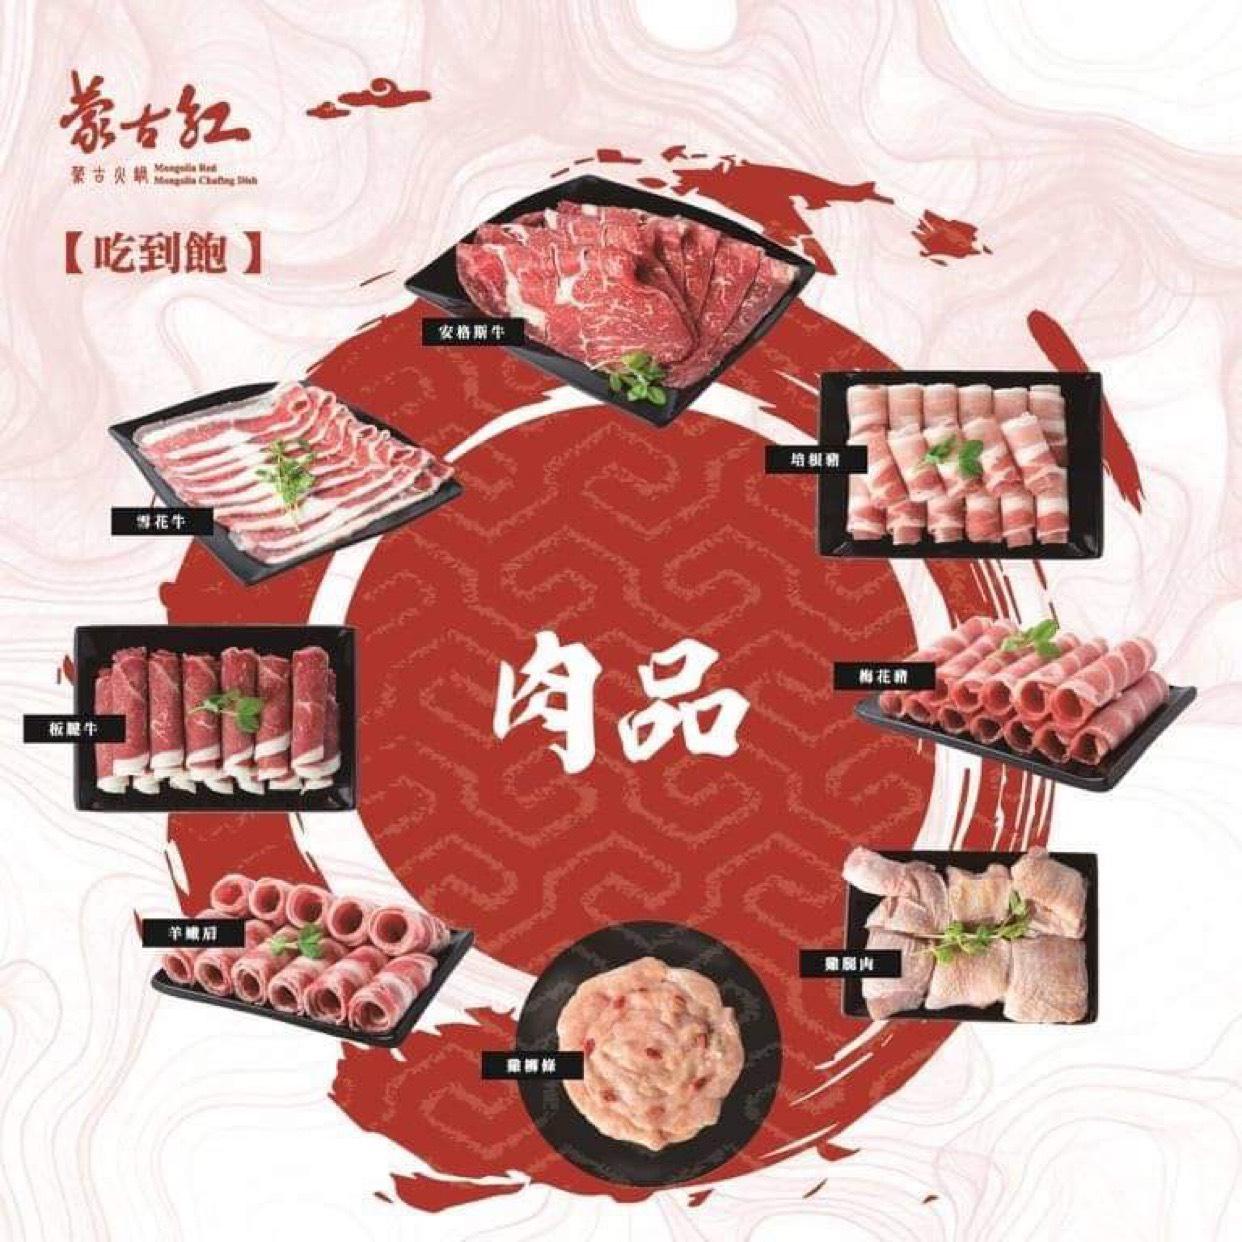 【蒙古紅蒙古火鍋吃到飽】桃園市麻辣鴛鴦推薦